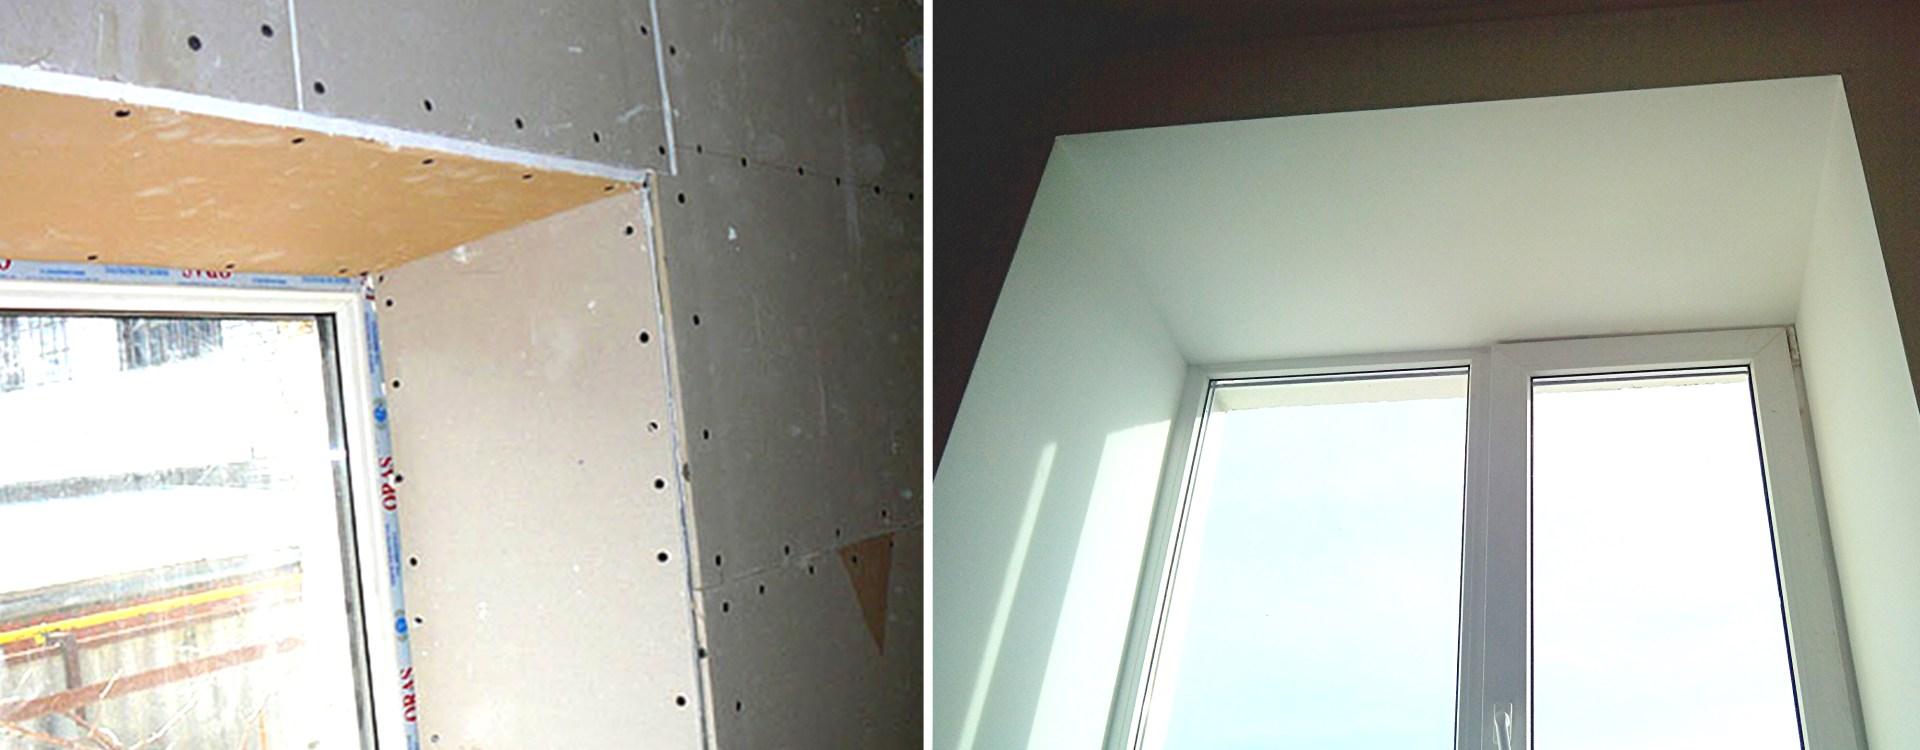 Как сделать откосы из гипсокартона своими руками - СамСтрой - строительство, дизайн, архитектура.